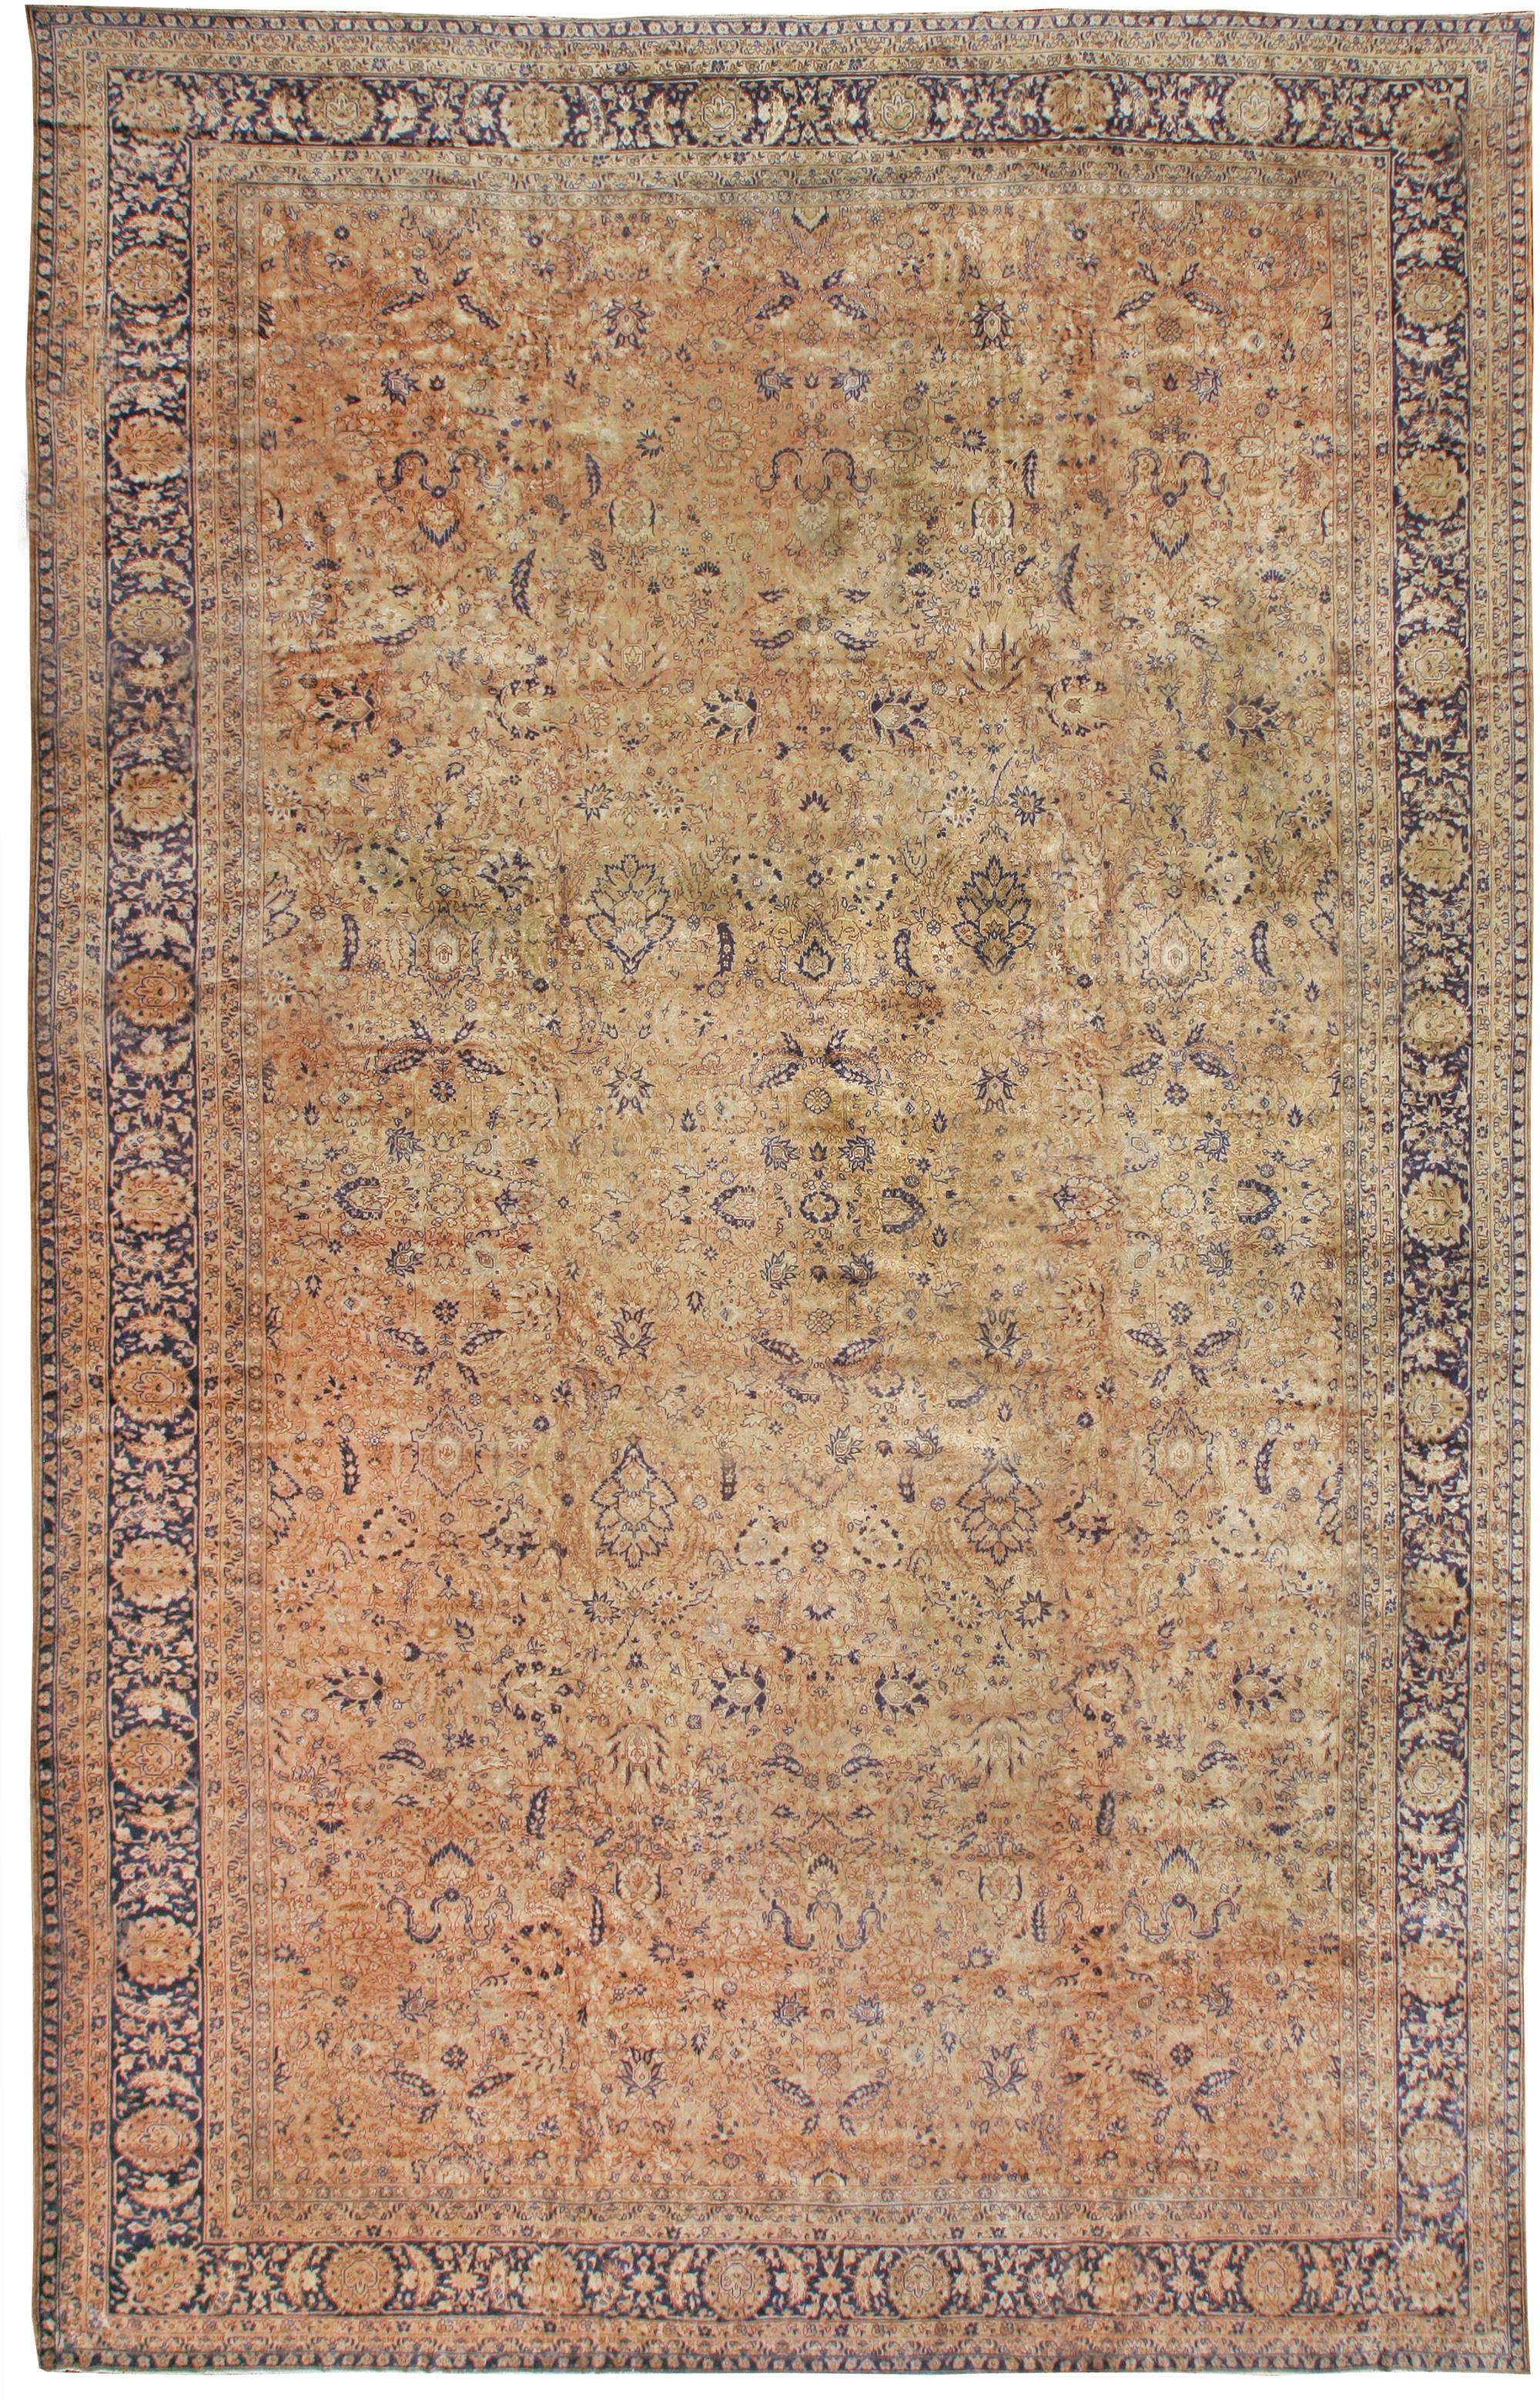 Antique türkischen sivas teppich